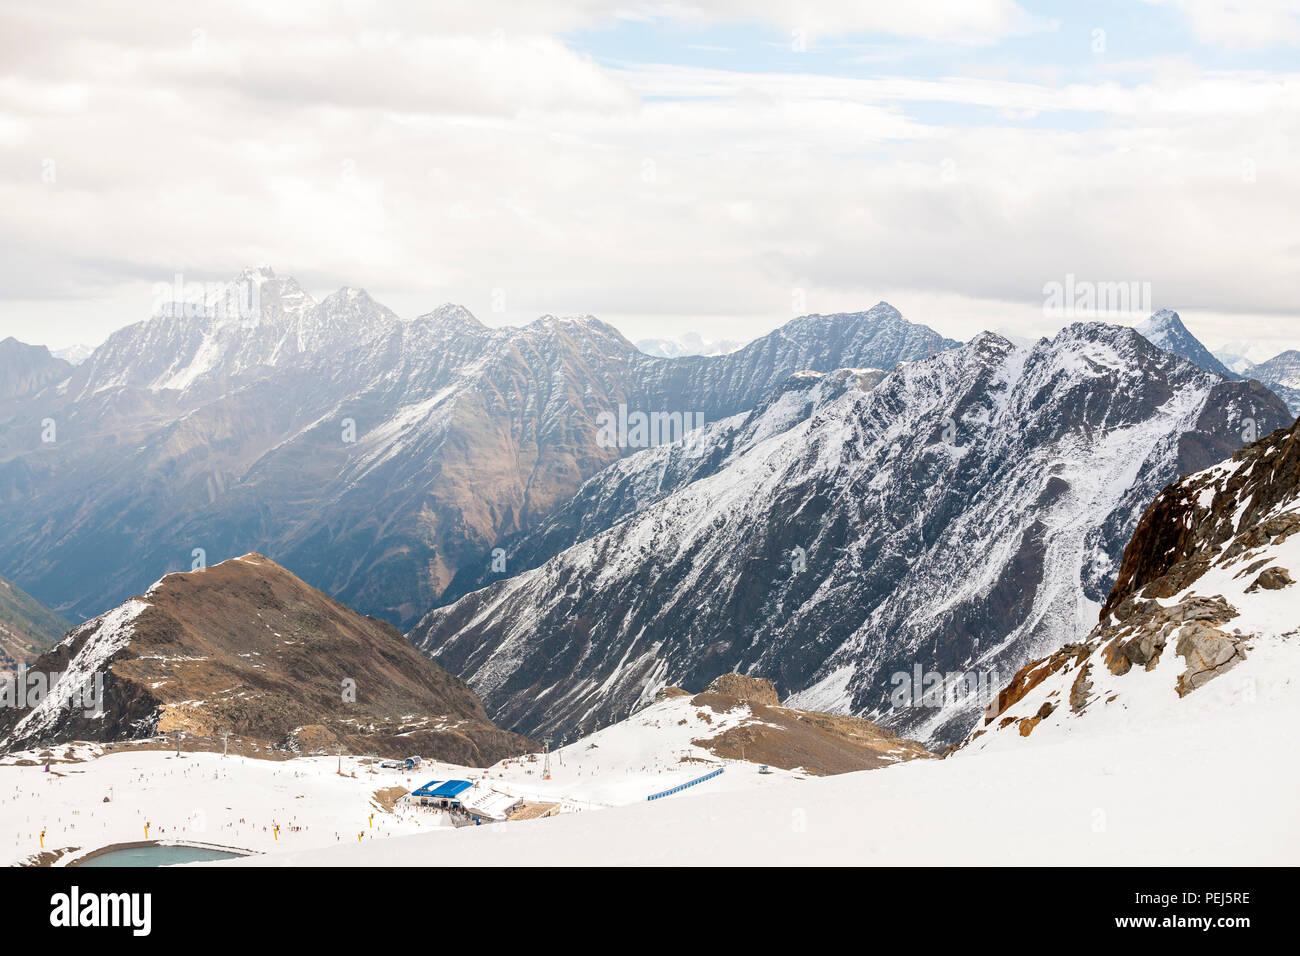 Ski resort in the Alps mountains, Austria, Stubai - Stock Image